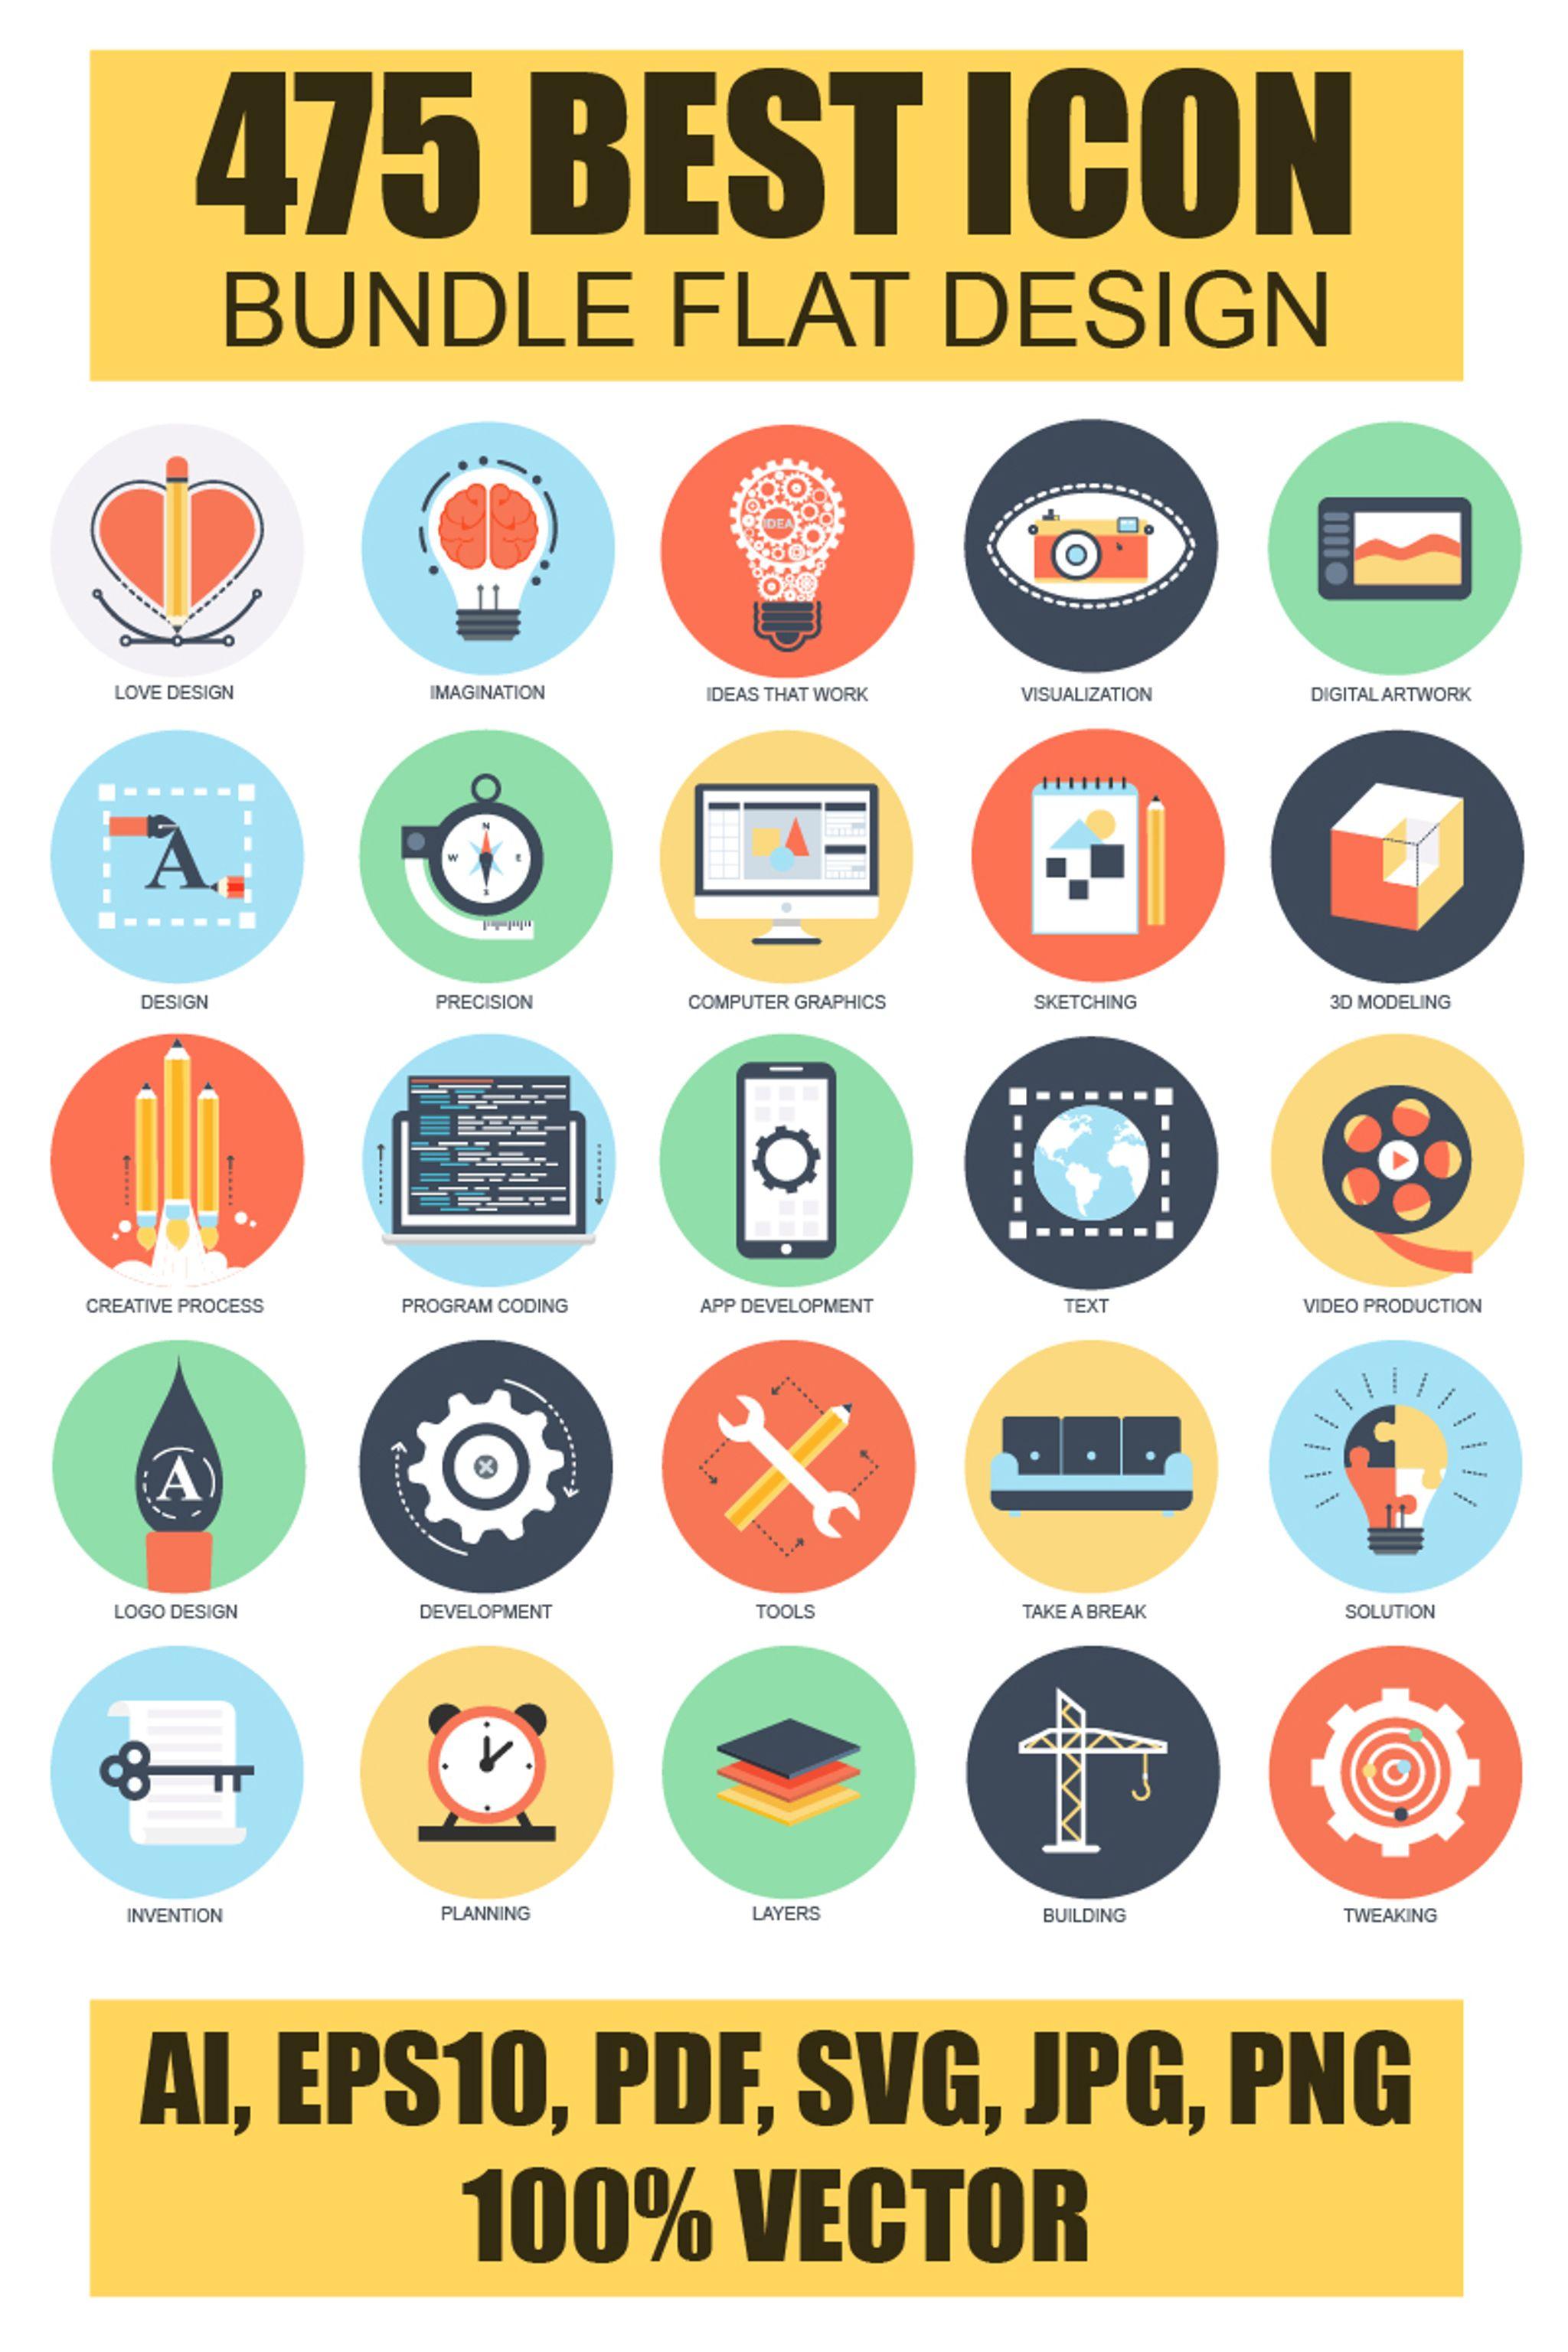 Icon-Sammlungen Vorlage #65896 für Ausbildung und Bücher